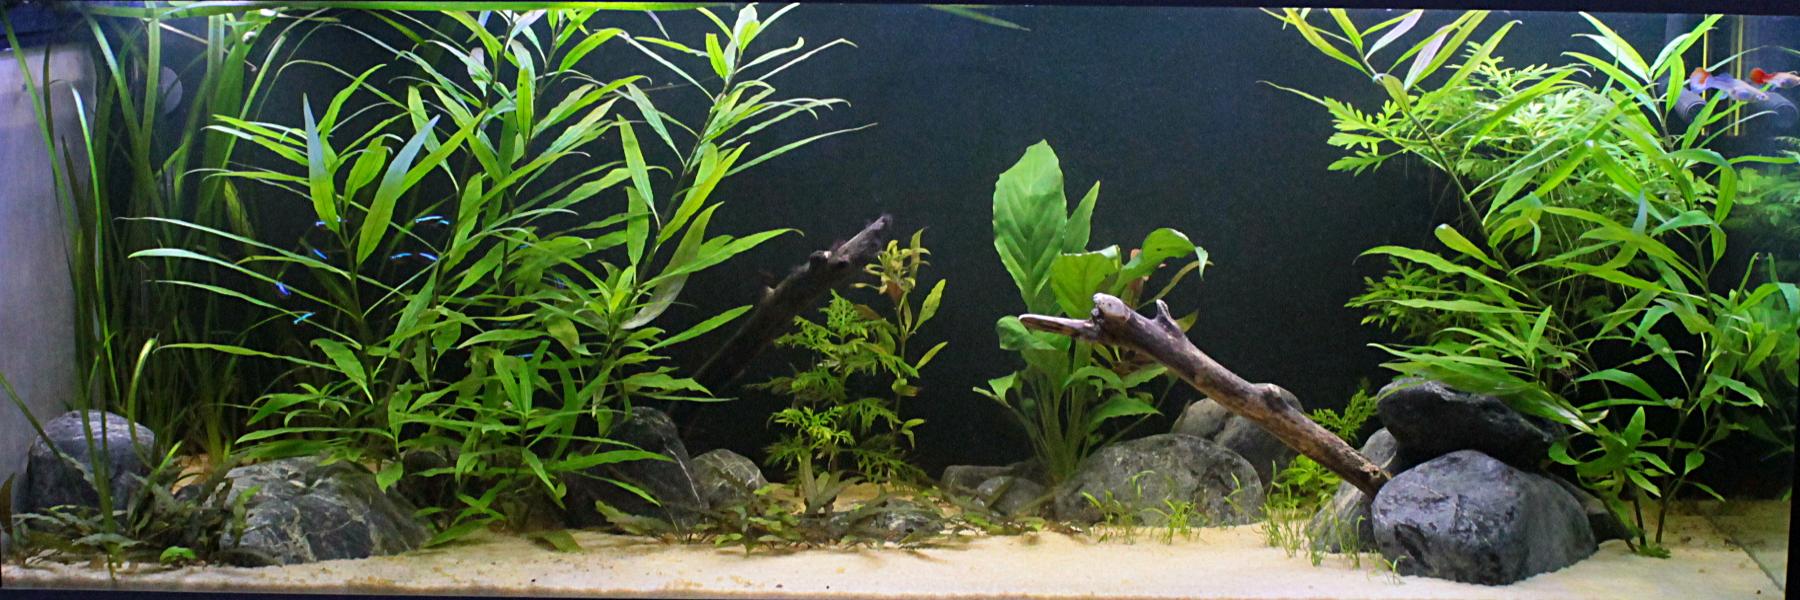 L'aquariophilie: une bonne thérapie Bac25042018